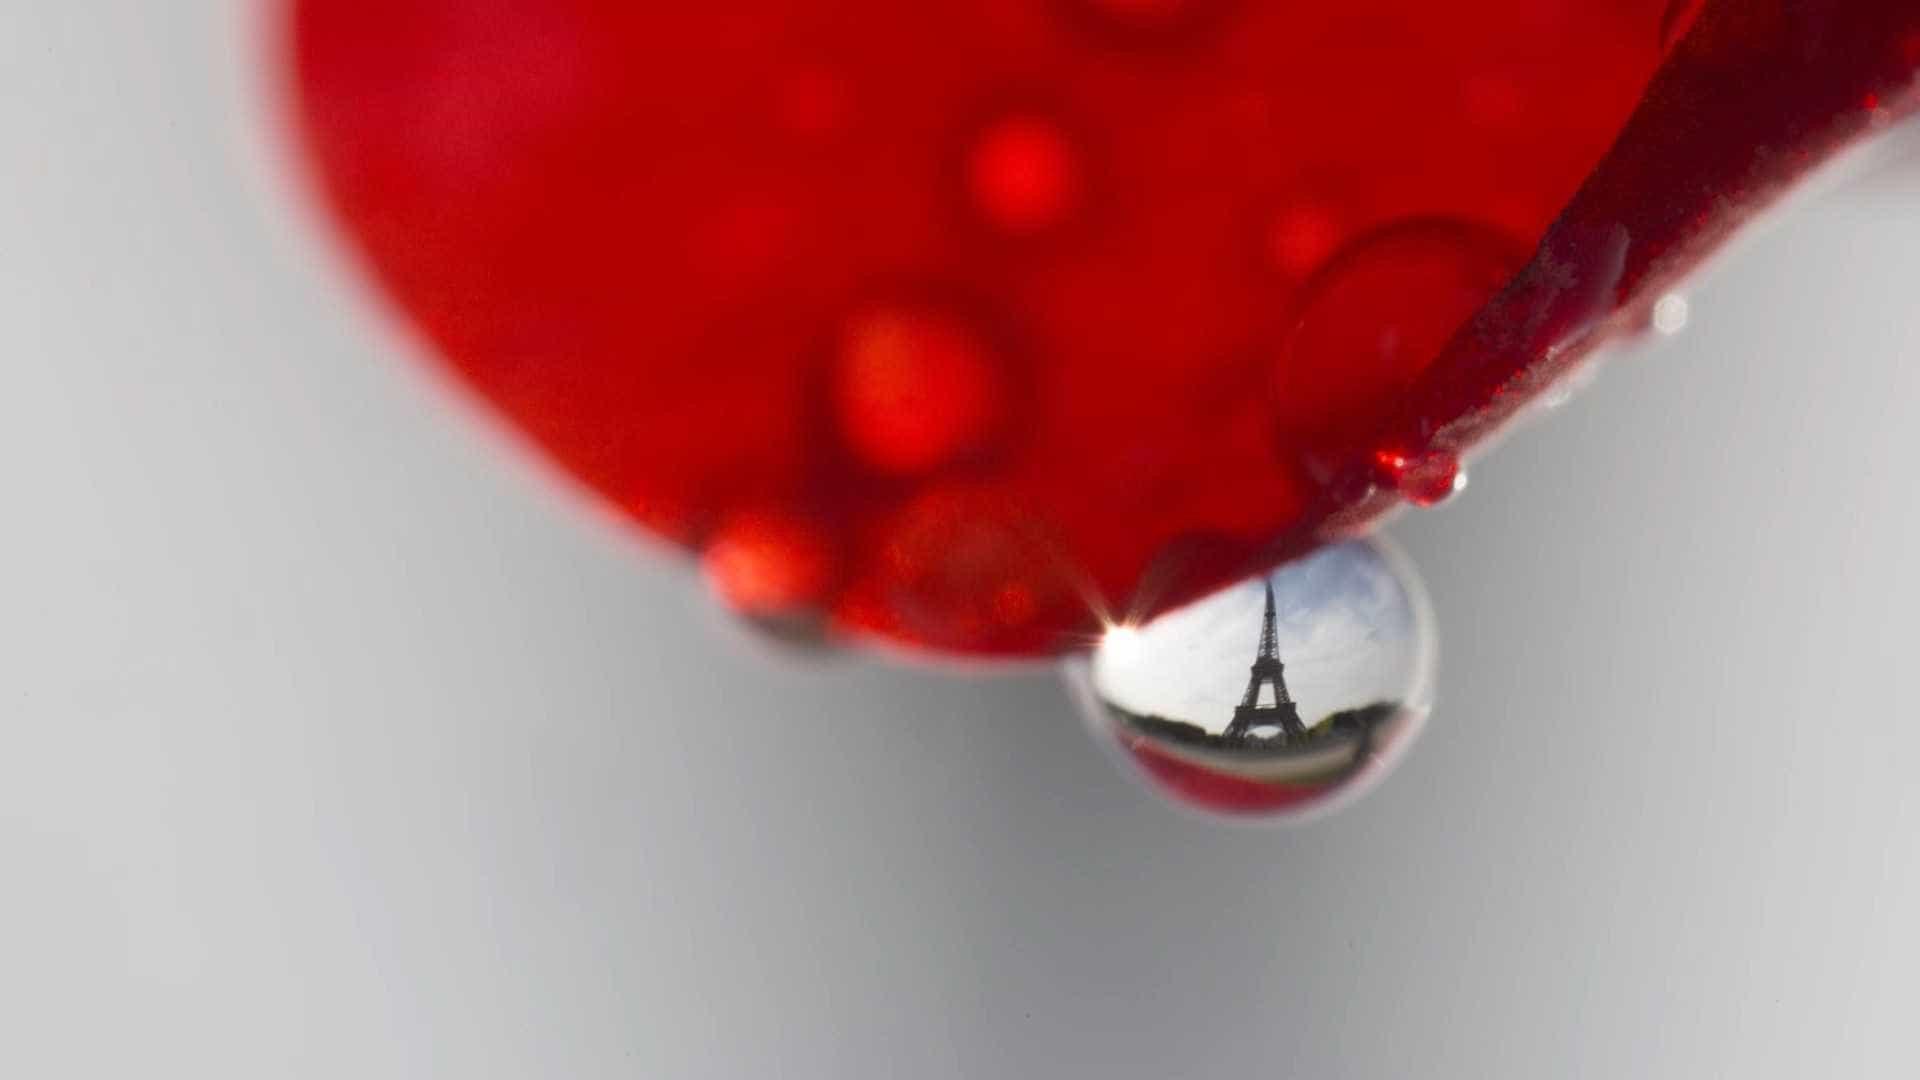 Fotógrafo registra monumentos de Paris vistos através de gotas de água